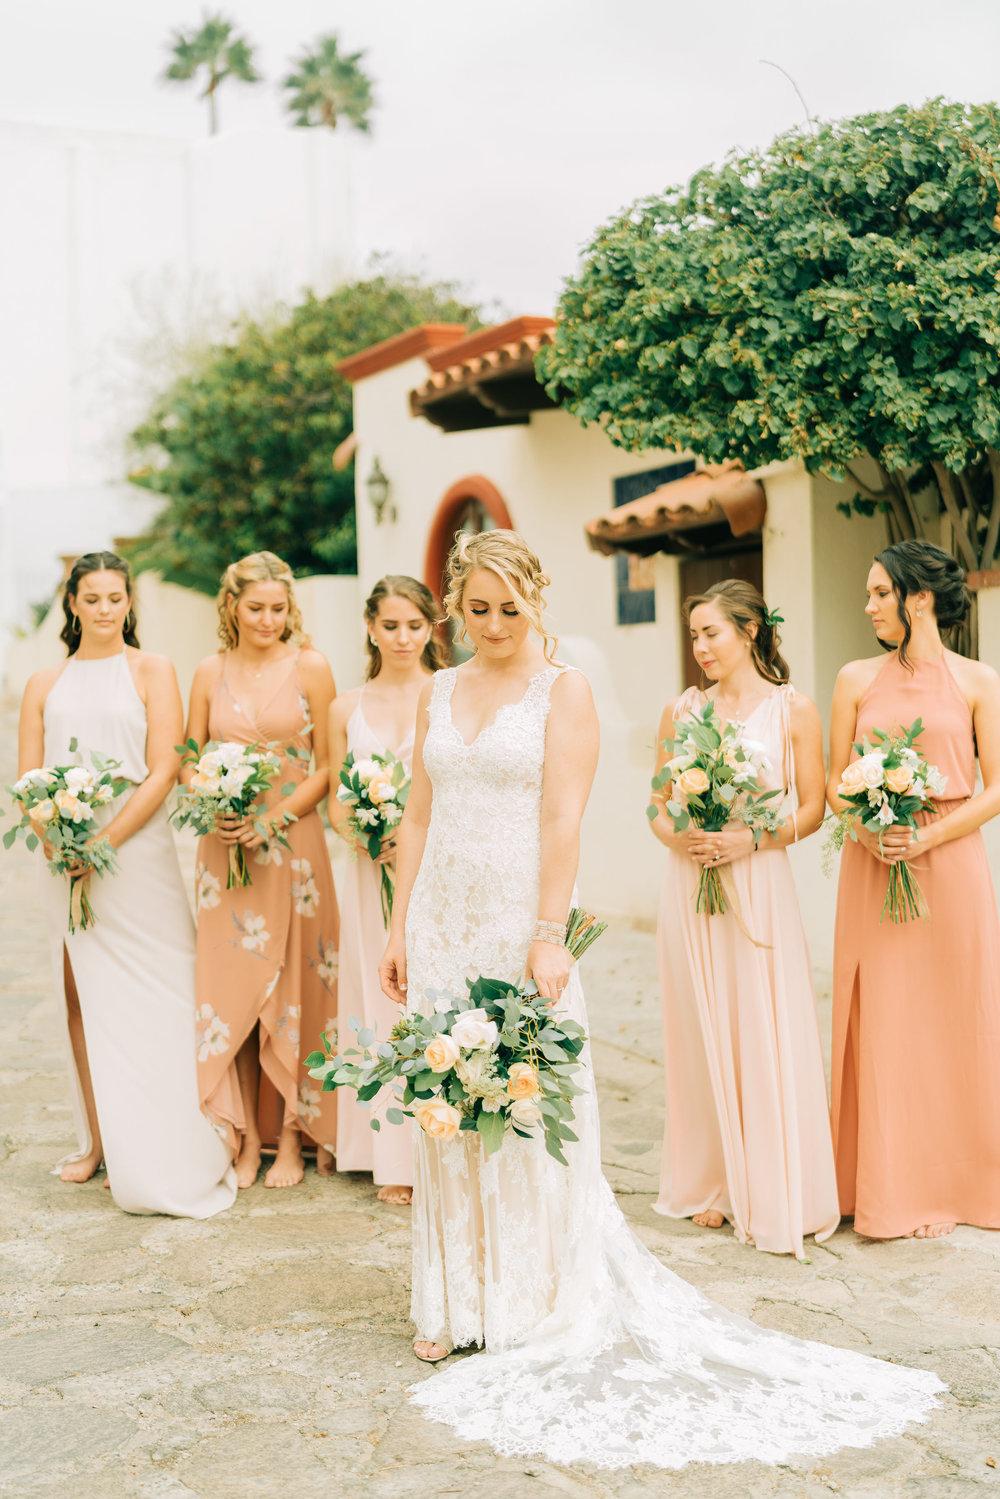 las-gavoitas-mexico-wedding-baja-roasarito-beach 031.jpg